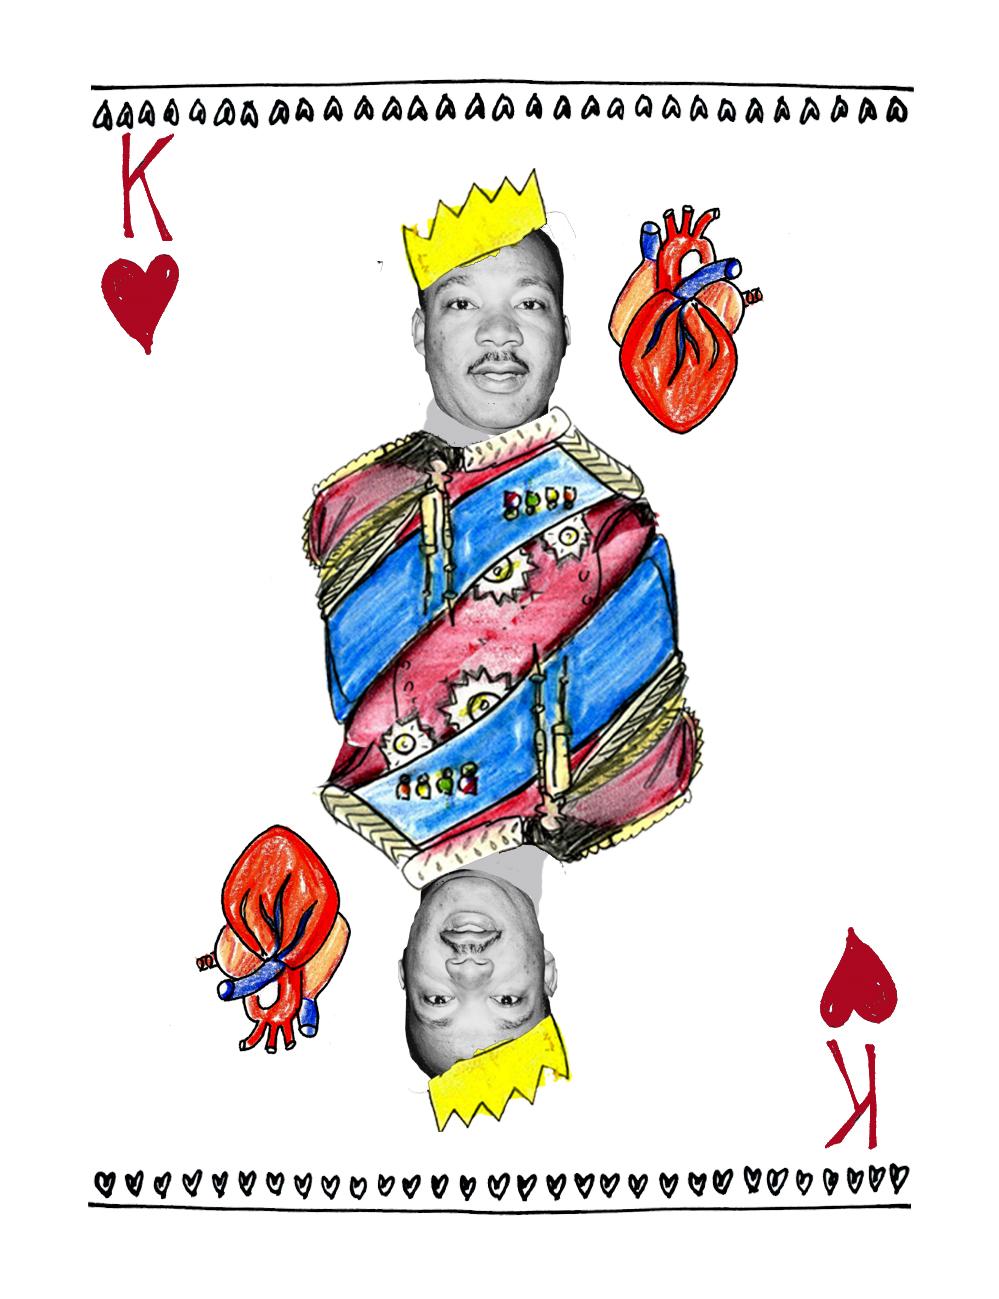 kingheart.jpg